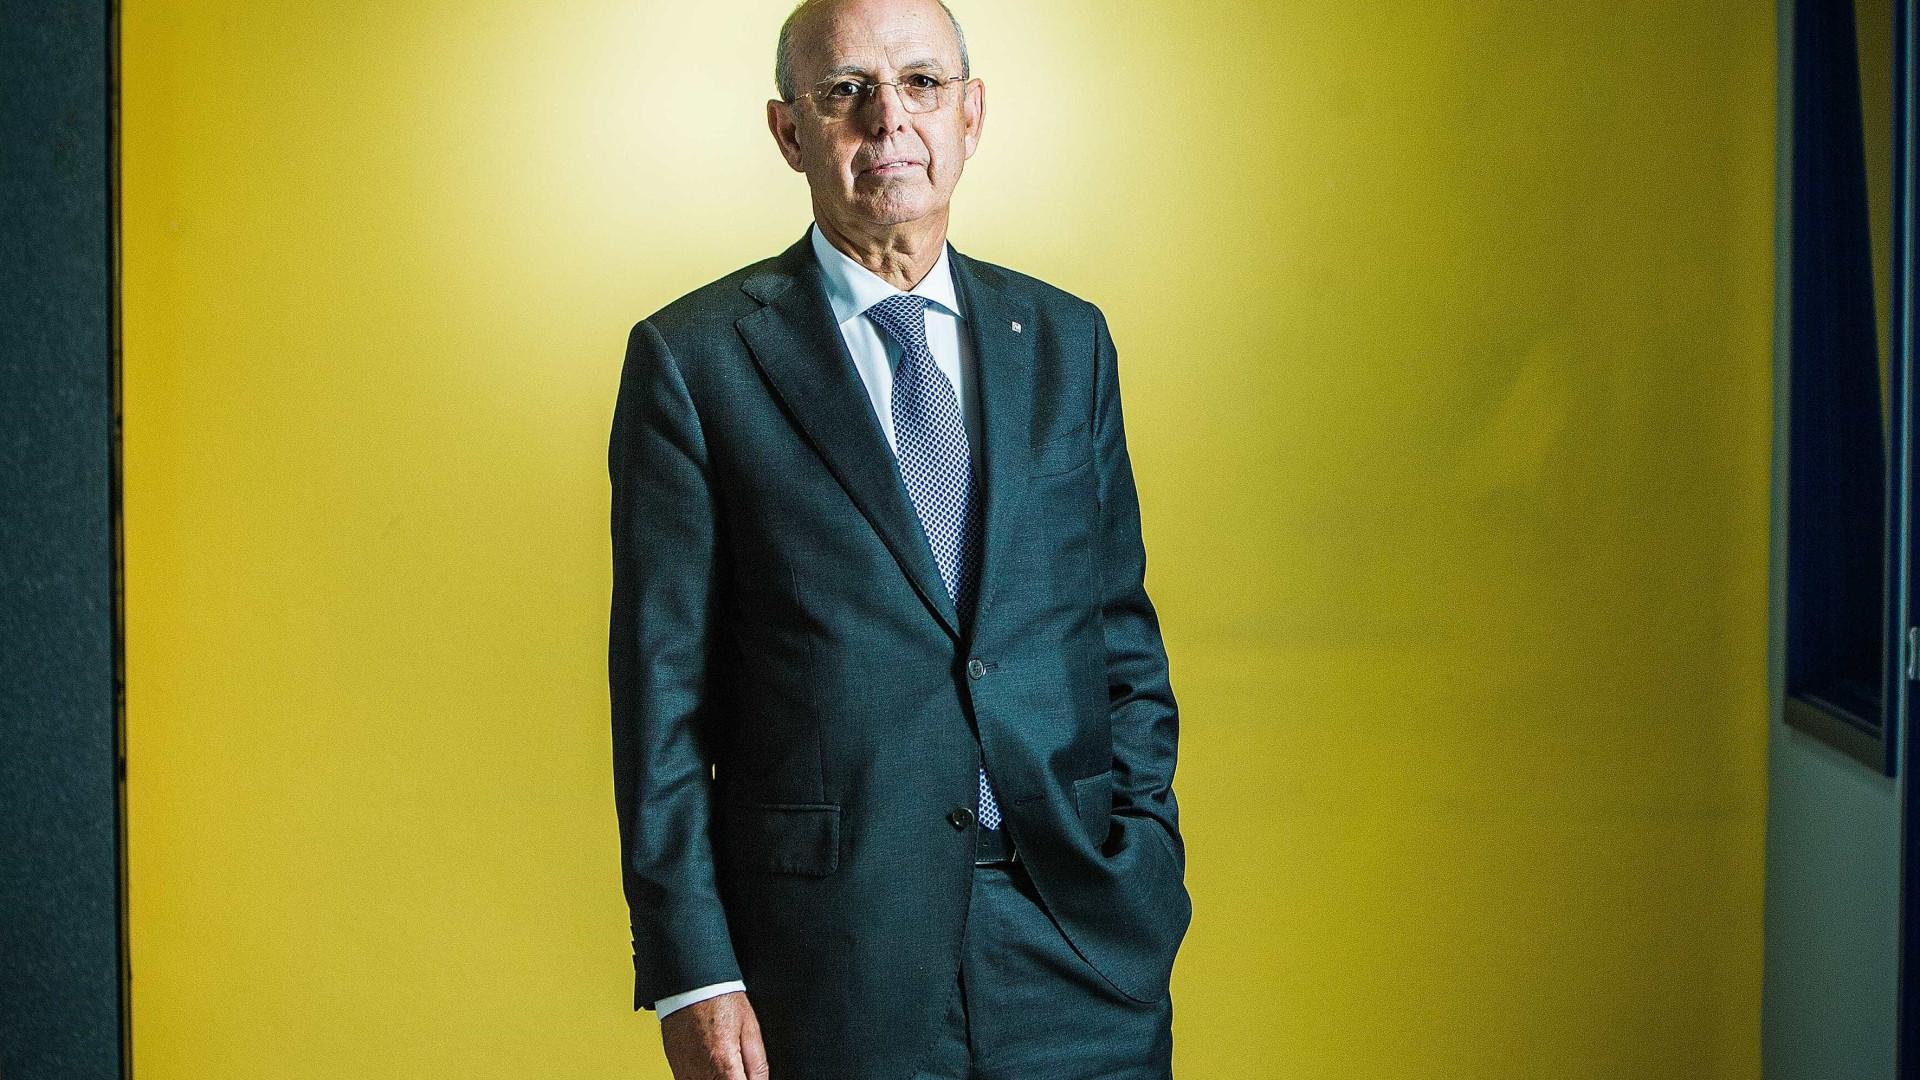 Líder do Montepio abandona cargo se for condenado no caso BES